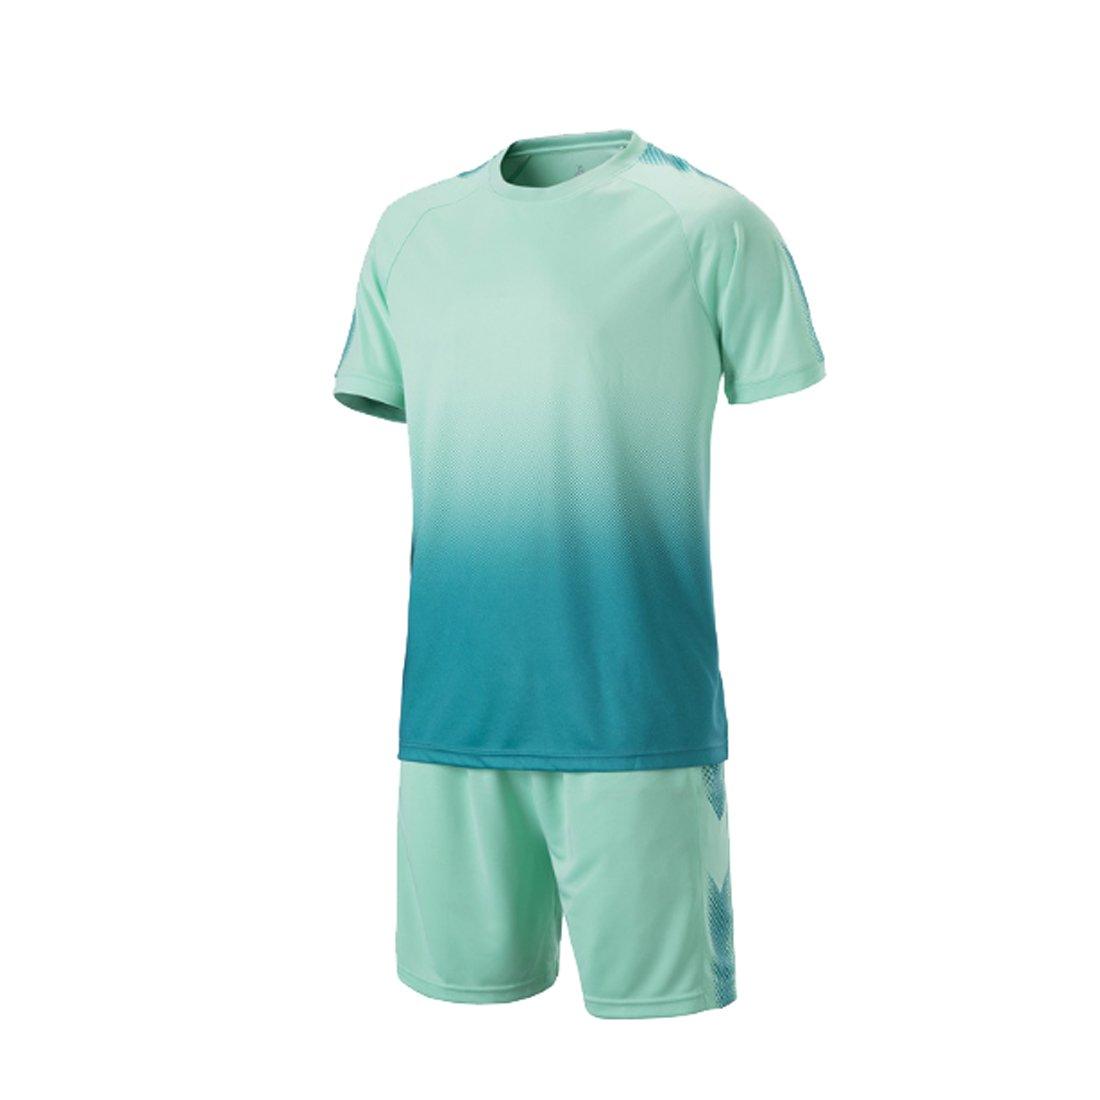 IOSHAPO Football Soccer Jersey Jersey y Shorts de fútbol de Manga Corta: Amazon.es: Ropa y accesorios